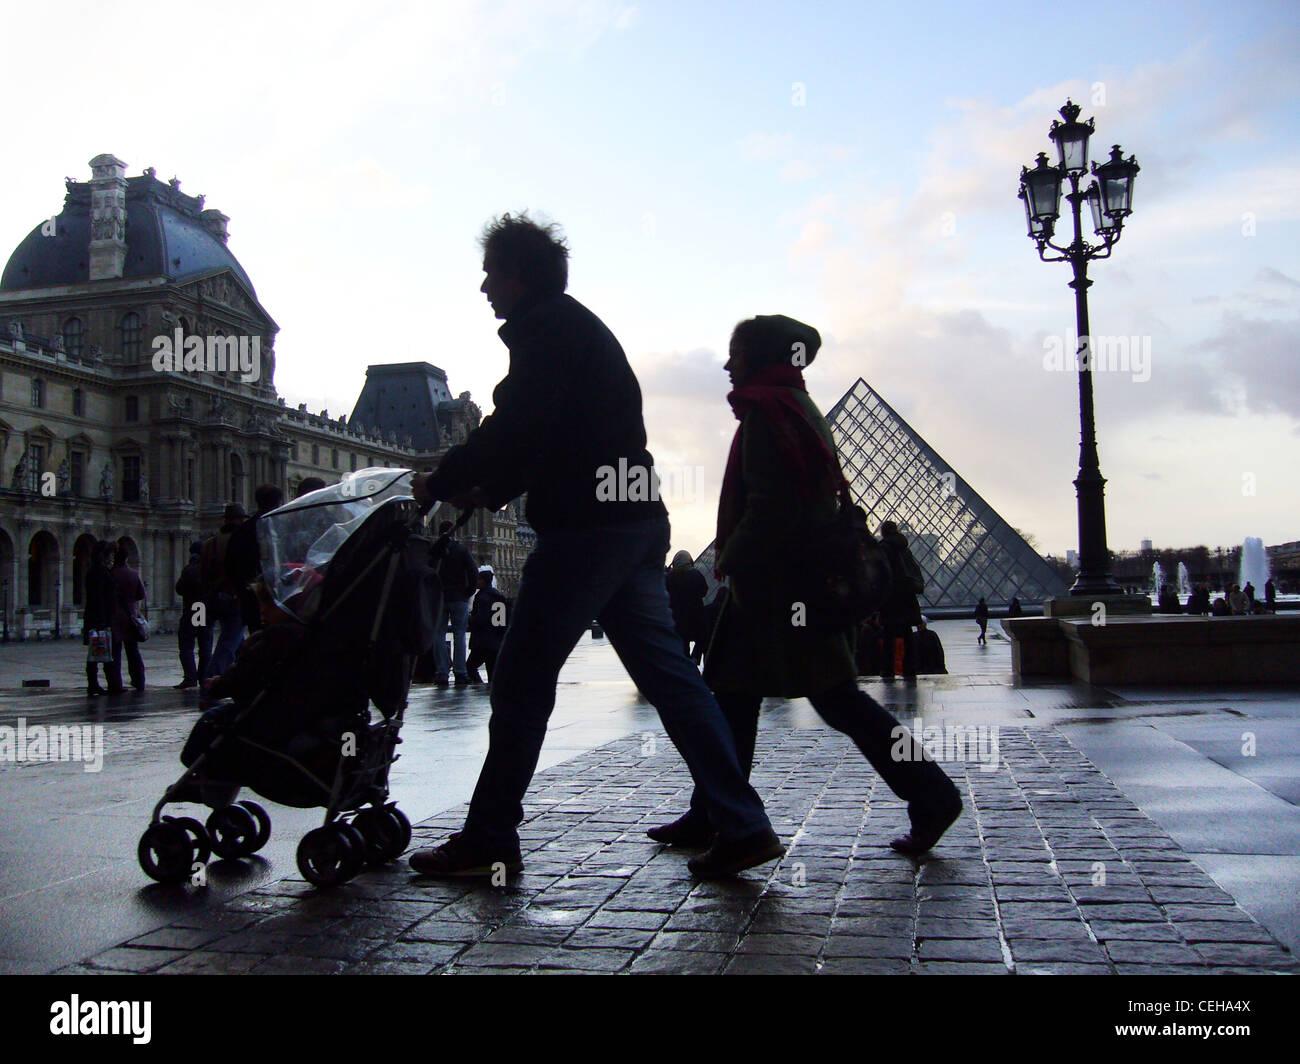 Sagome in un giorno di pioggia in Place du Carrousel du Louvre, Parigi, Francia Immagini Stock